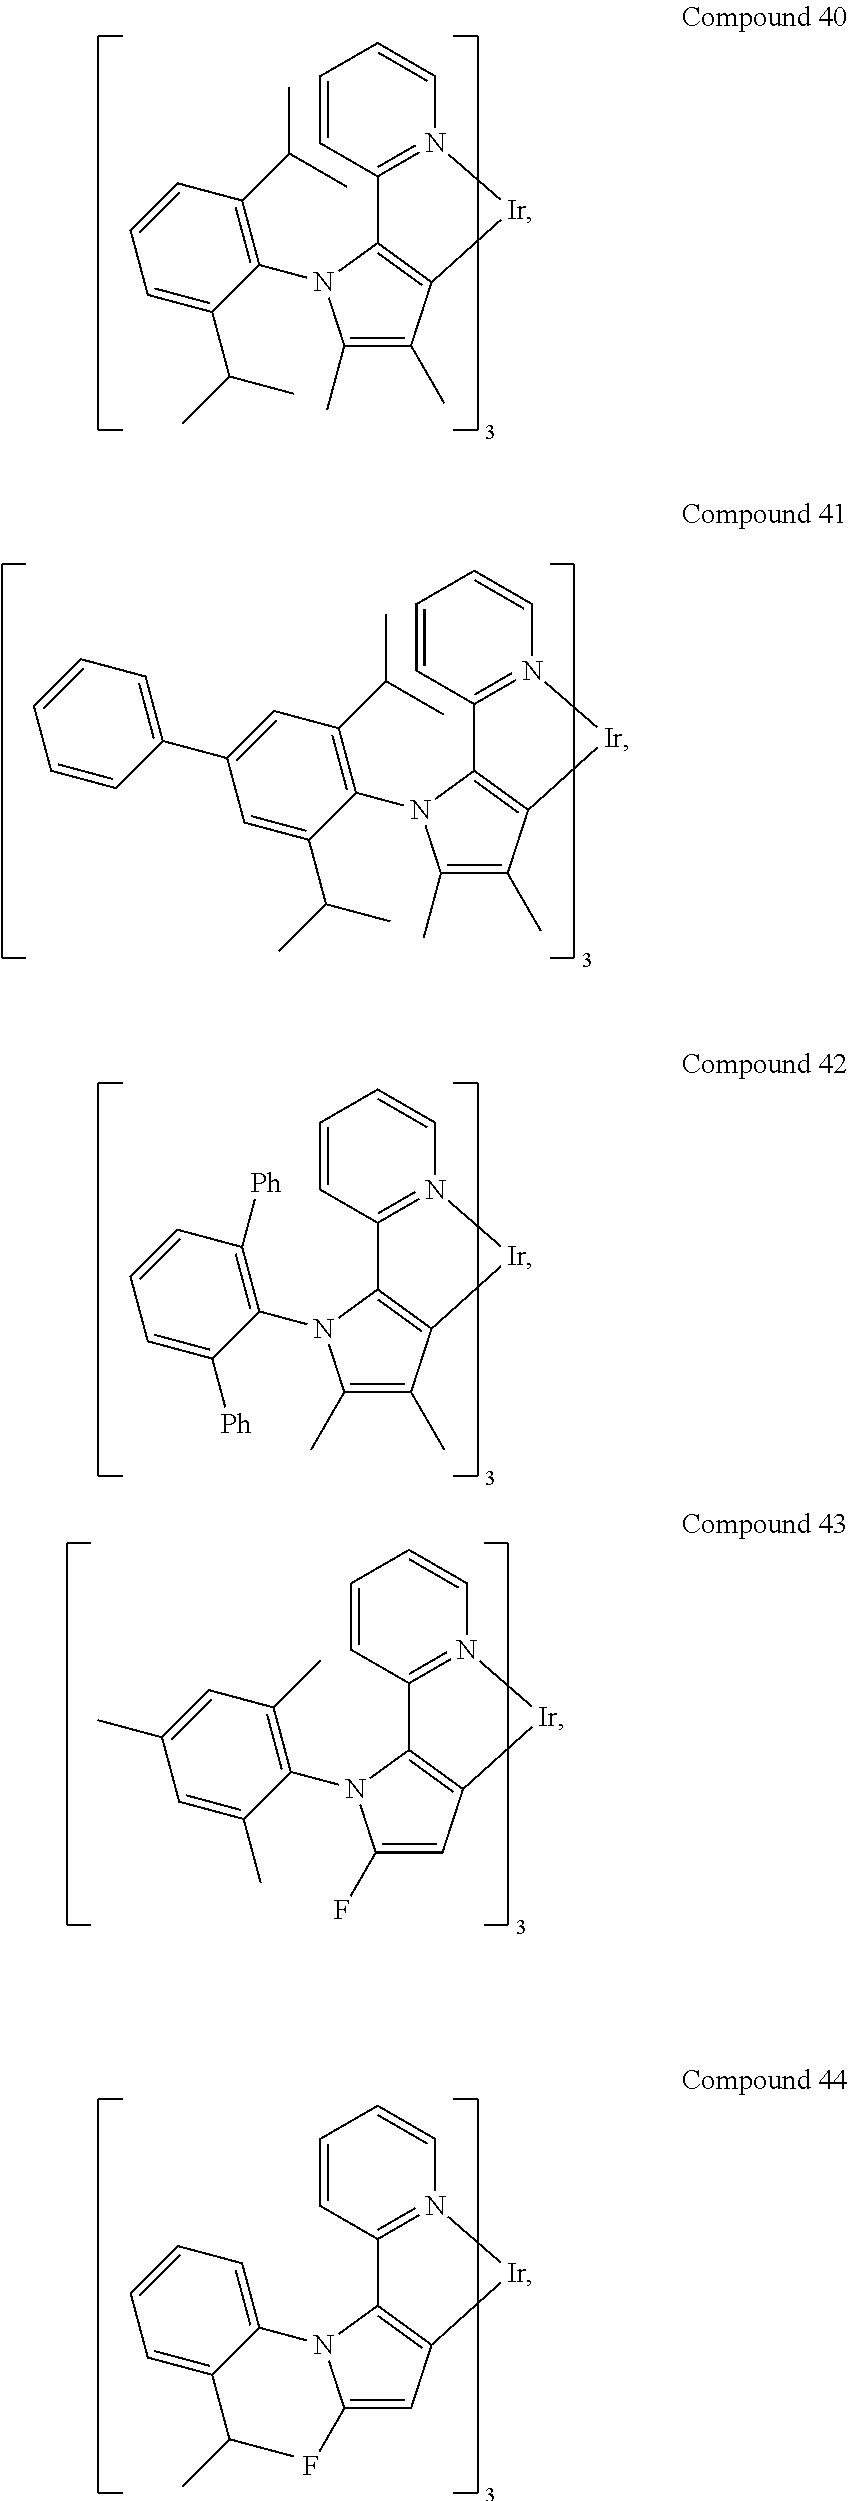 Figure US09935277-20180403-C00293